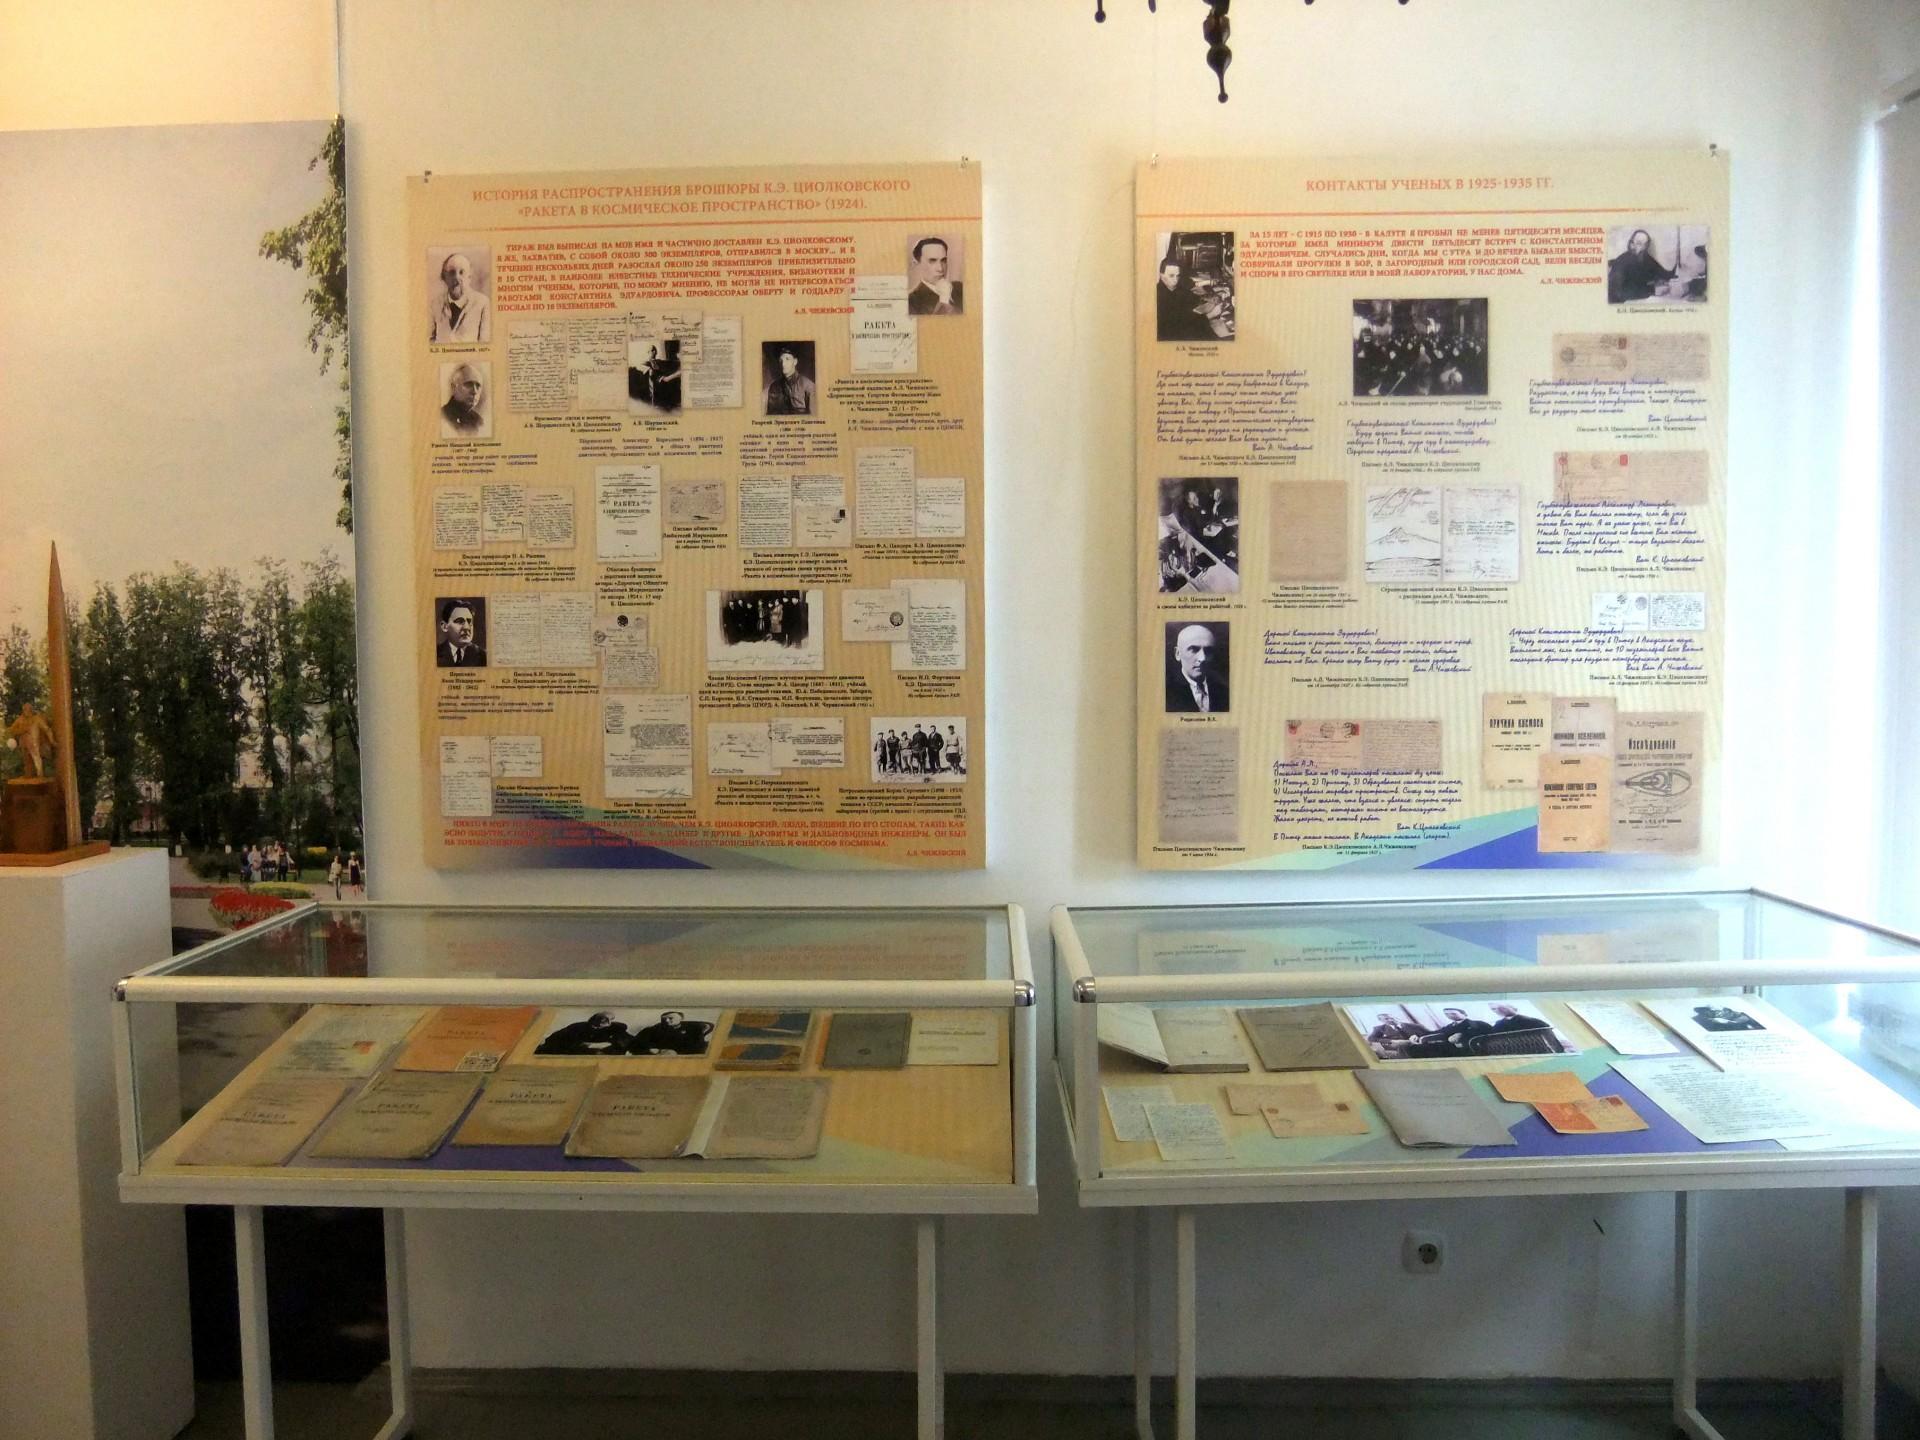 Выставка в Доме-музее А.Л. Чижевского «Учитель! Перед имененм твоим»